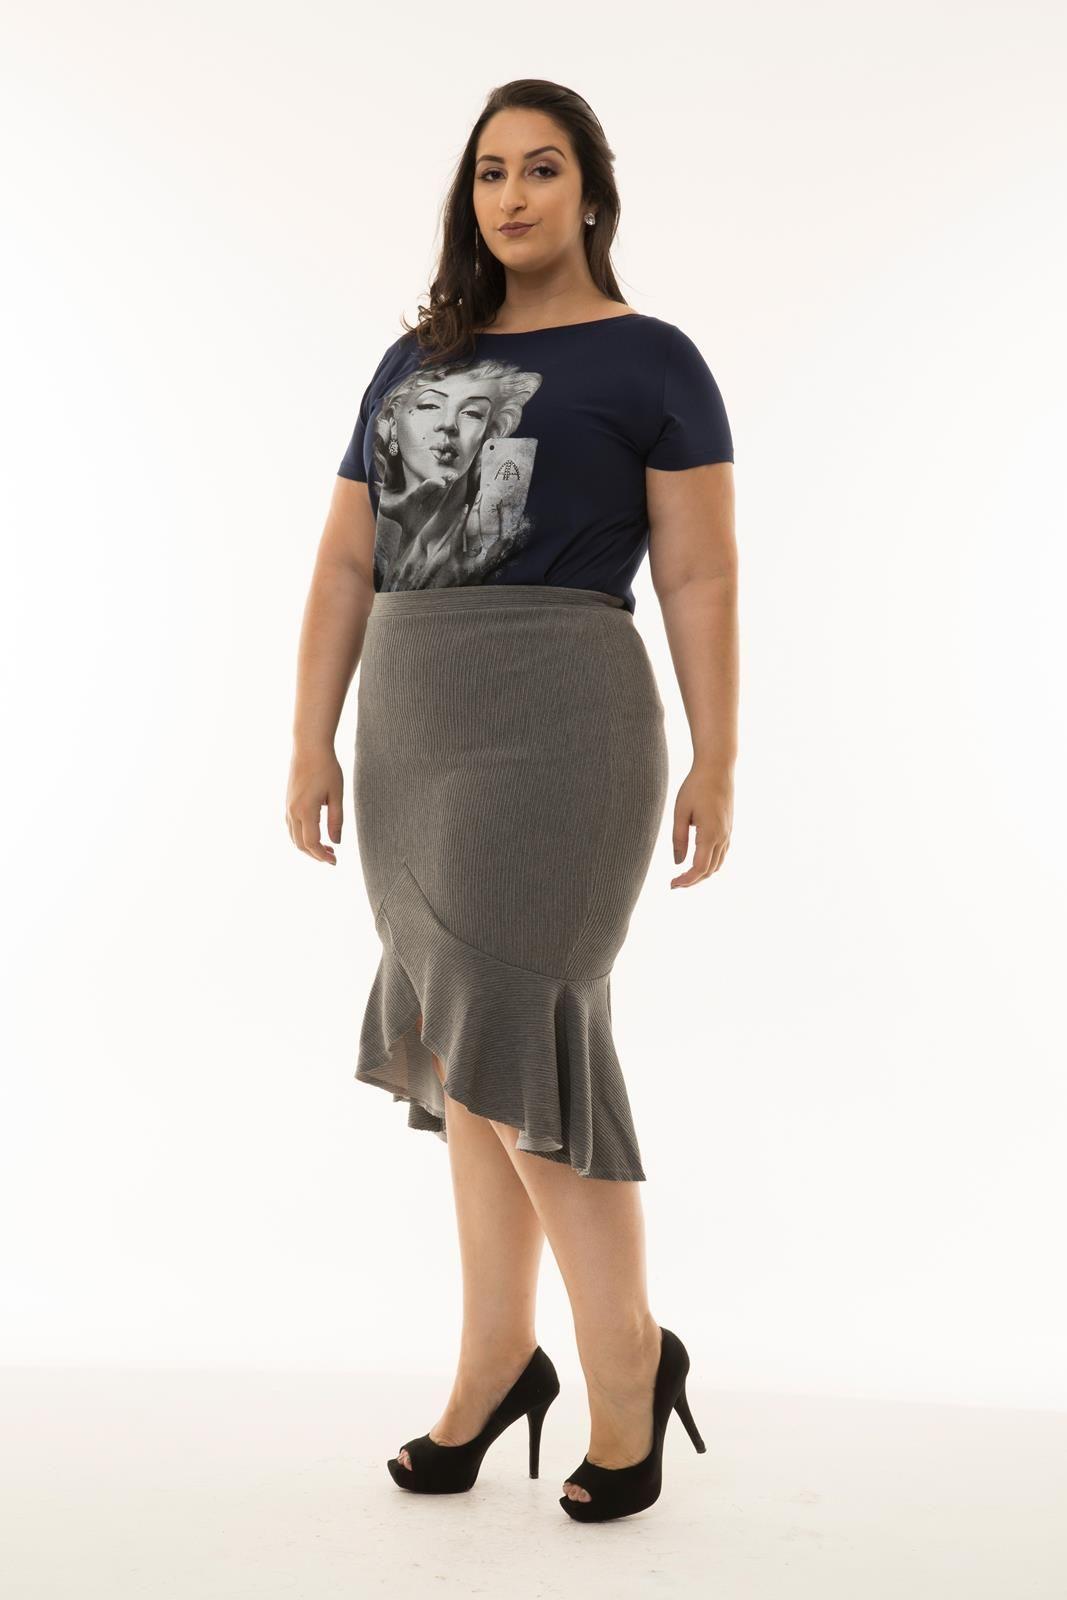 c666b971a Saia Plus Size canelada - Meu Formato – Moda Feminina Plus Size é Aqui!